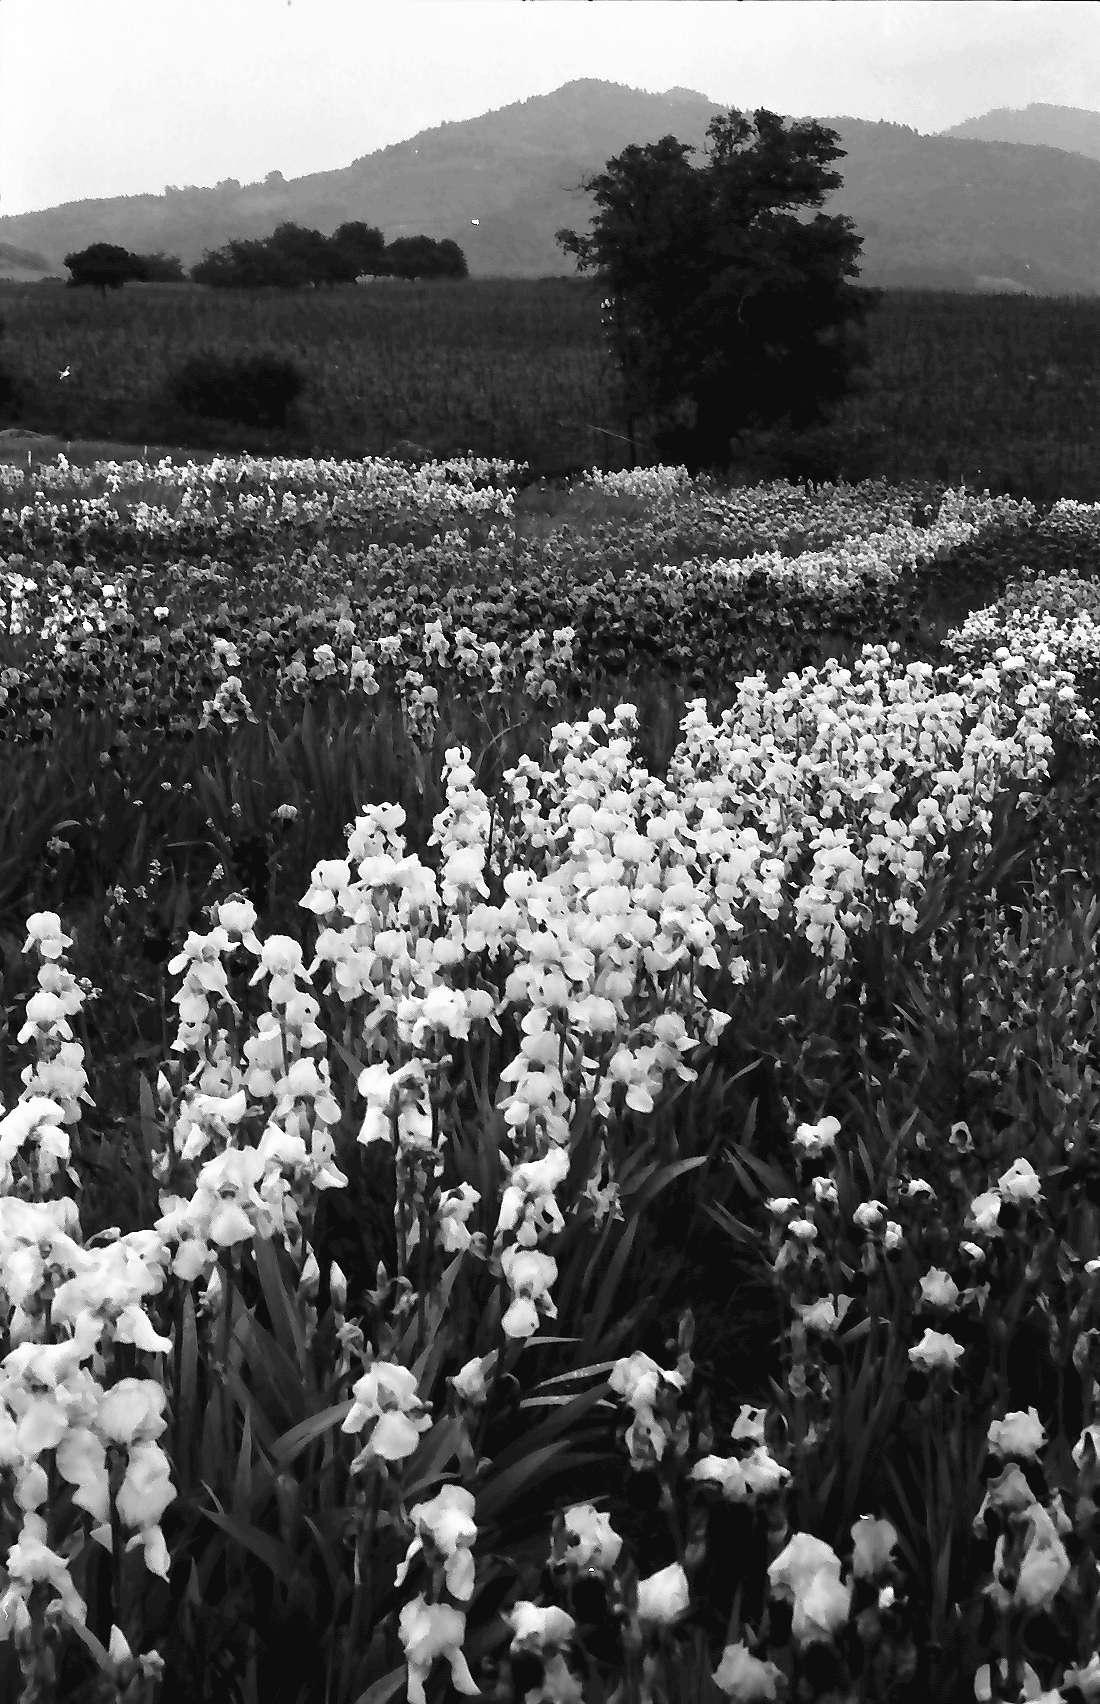 Laufen: Blühendes Irisfeld der Zeppelinischen Gärtnerei, Bild 2